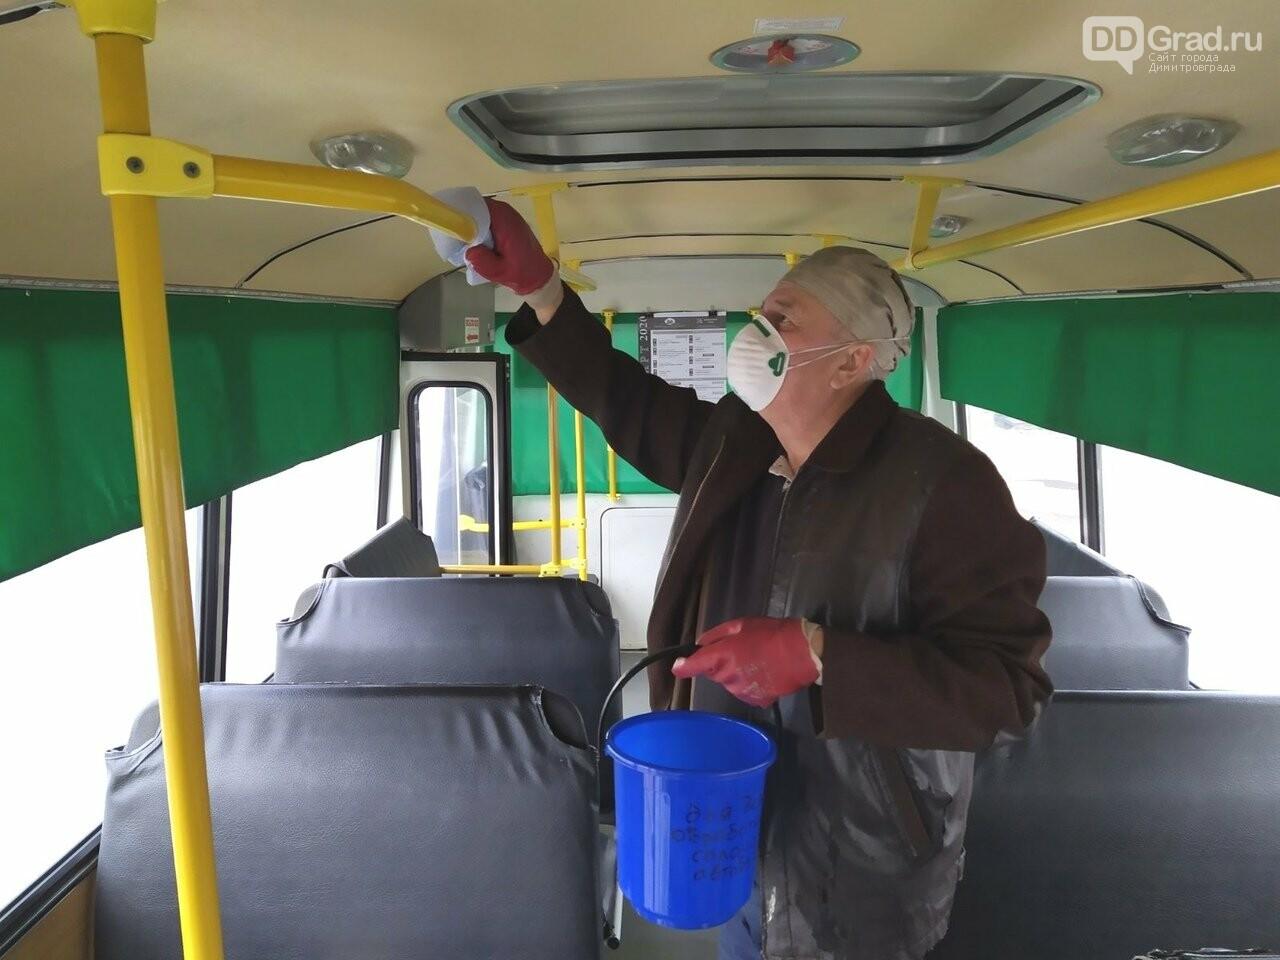 Общественный транспорт дезинфицируют дважды в день, фото-2